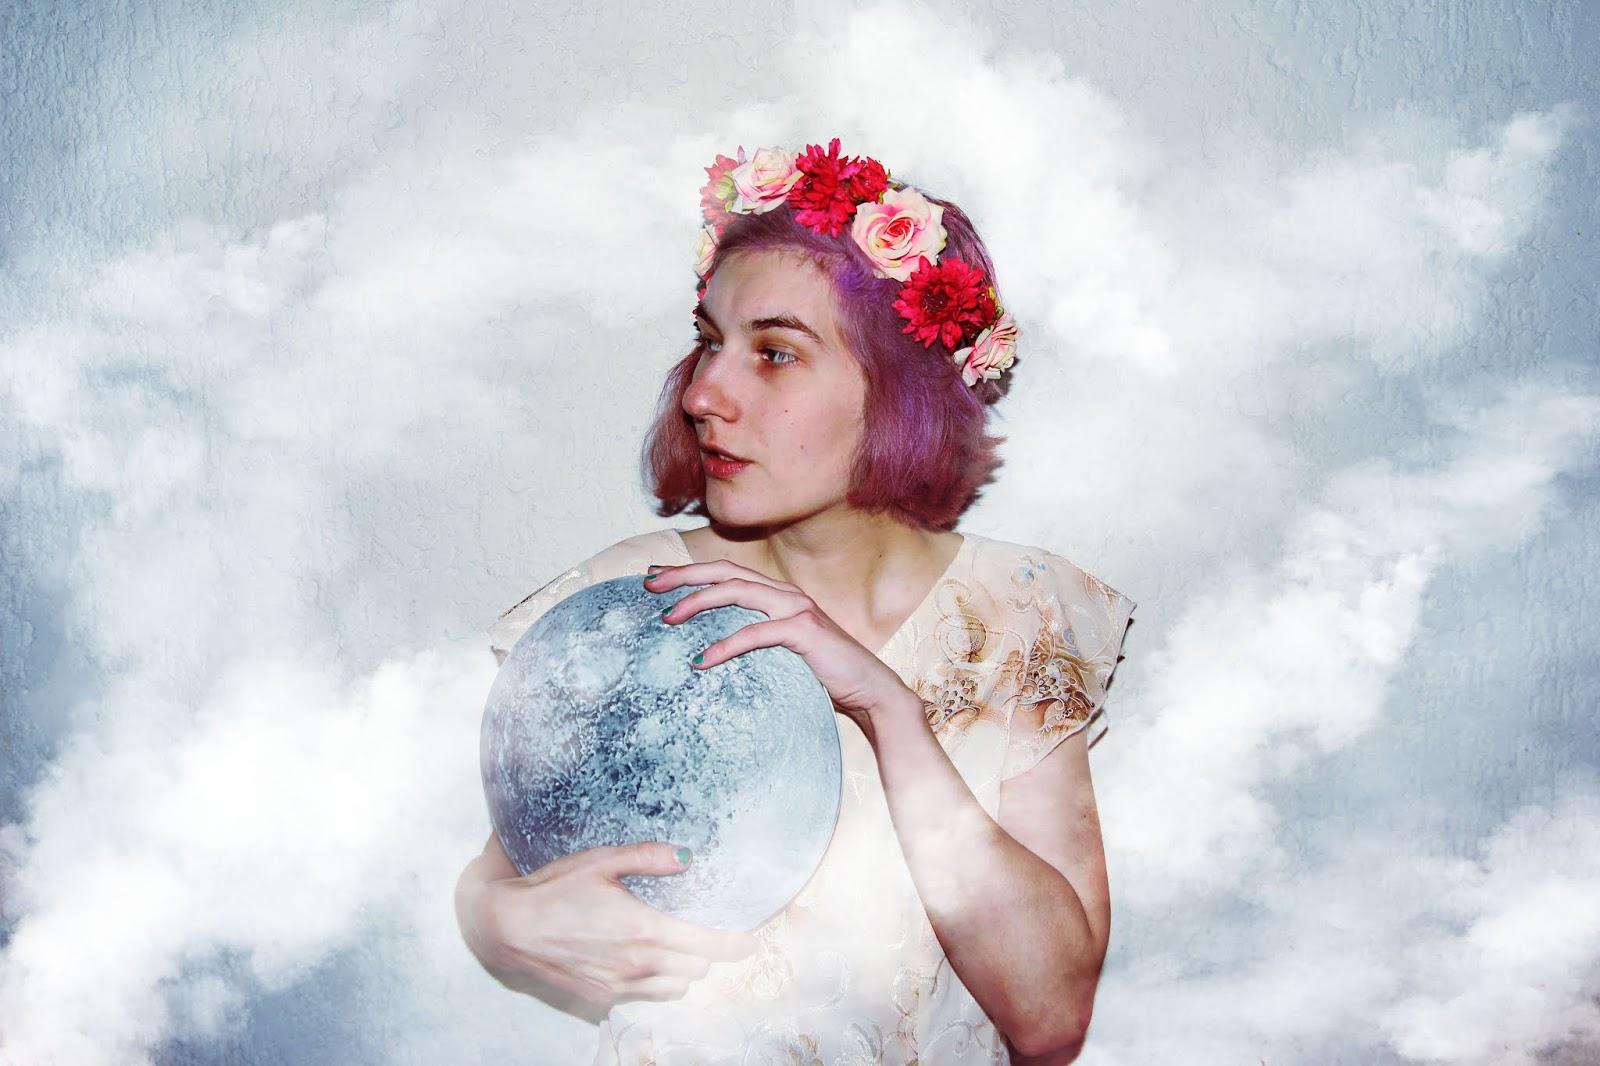 filipa canic, youarethepoet, you are the poet blog, filipa canic blog, moonchild, moon, pastel hair,